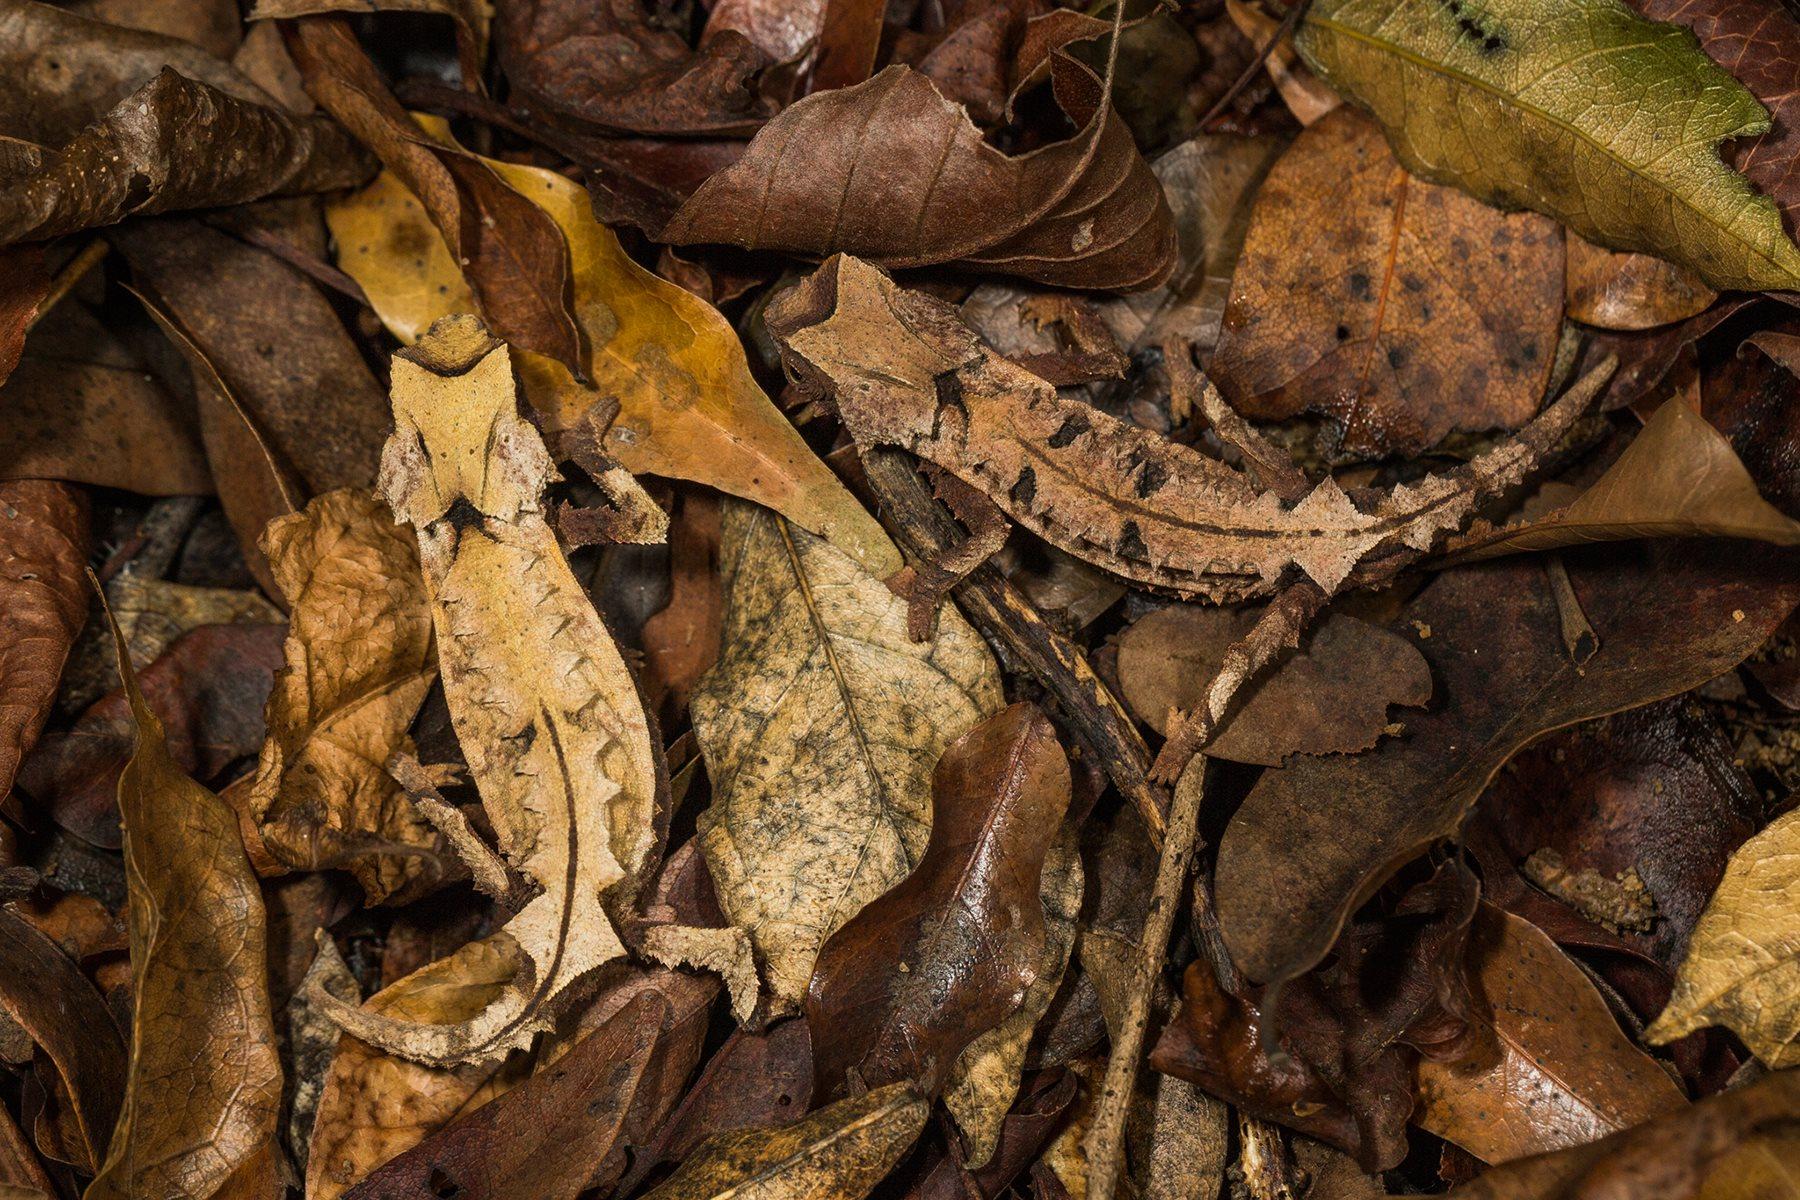 Dos ejemplares de Brookesia decaryi apenas se distinguen de un montón de hojas.